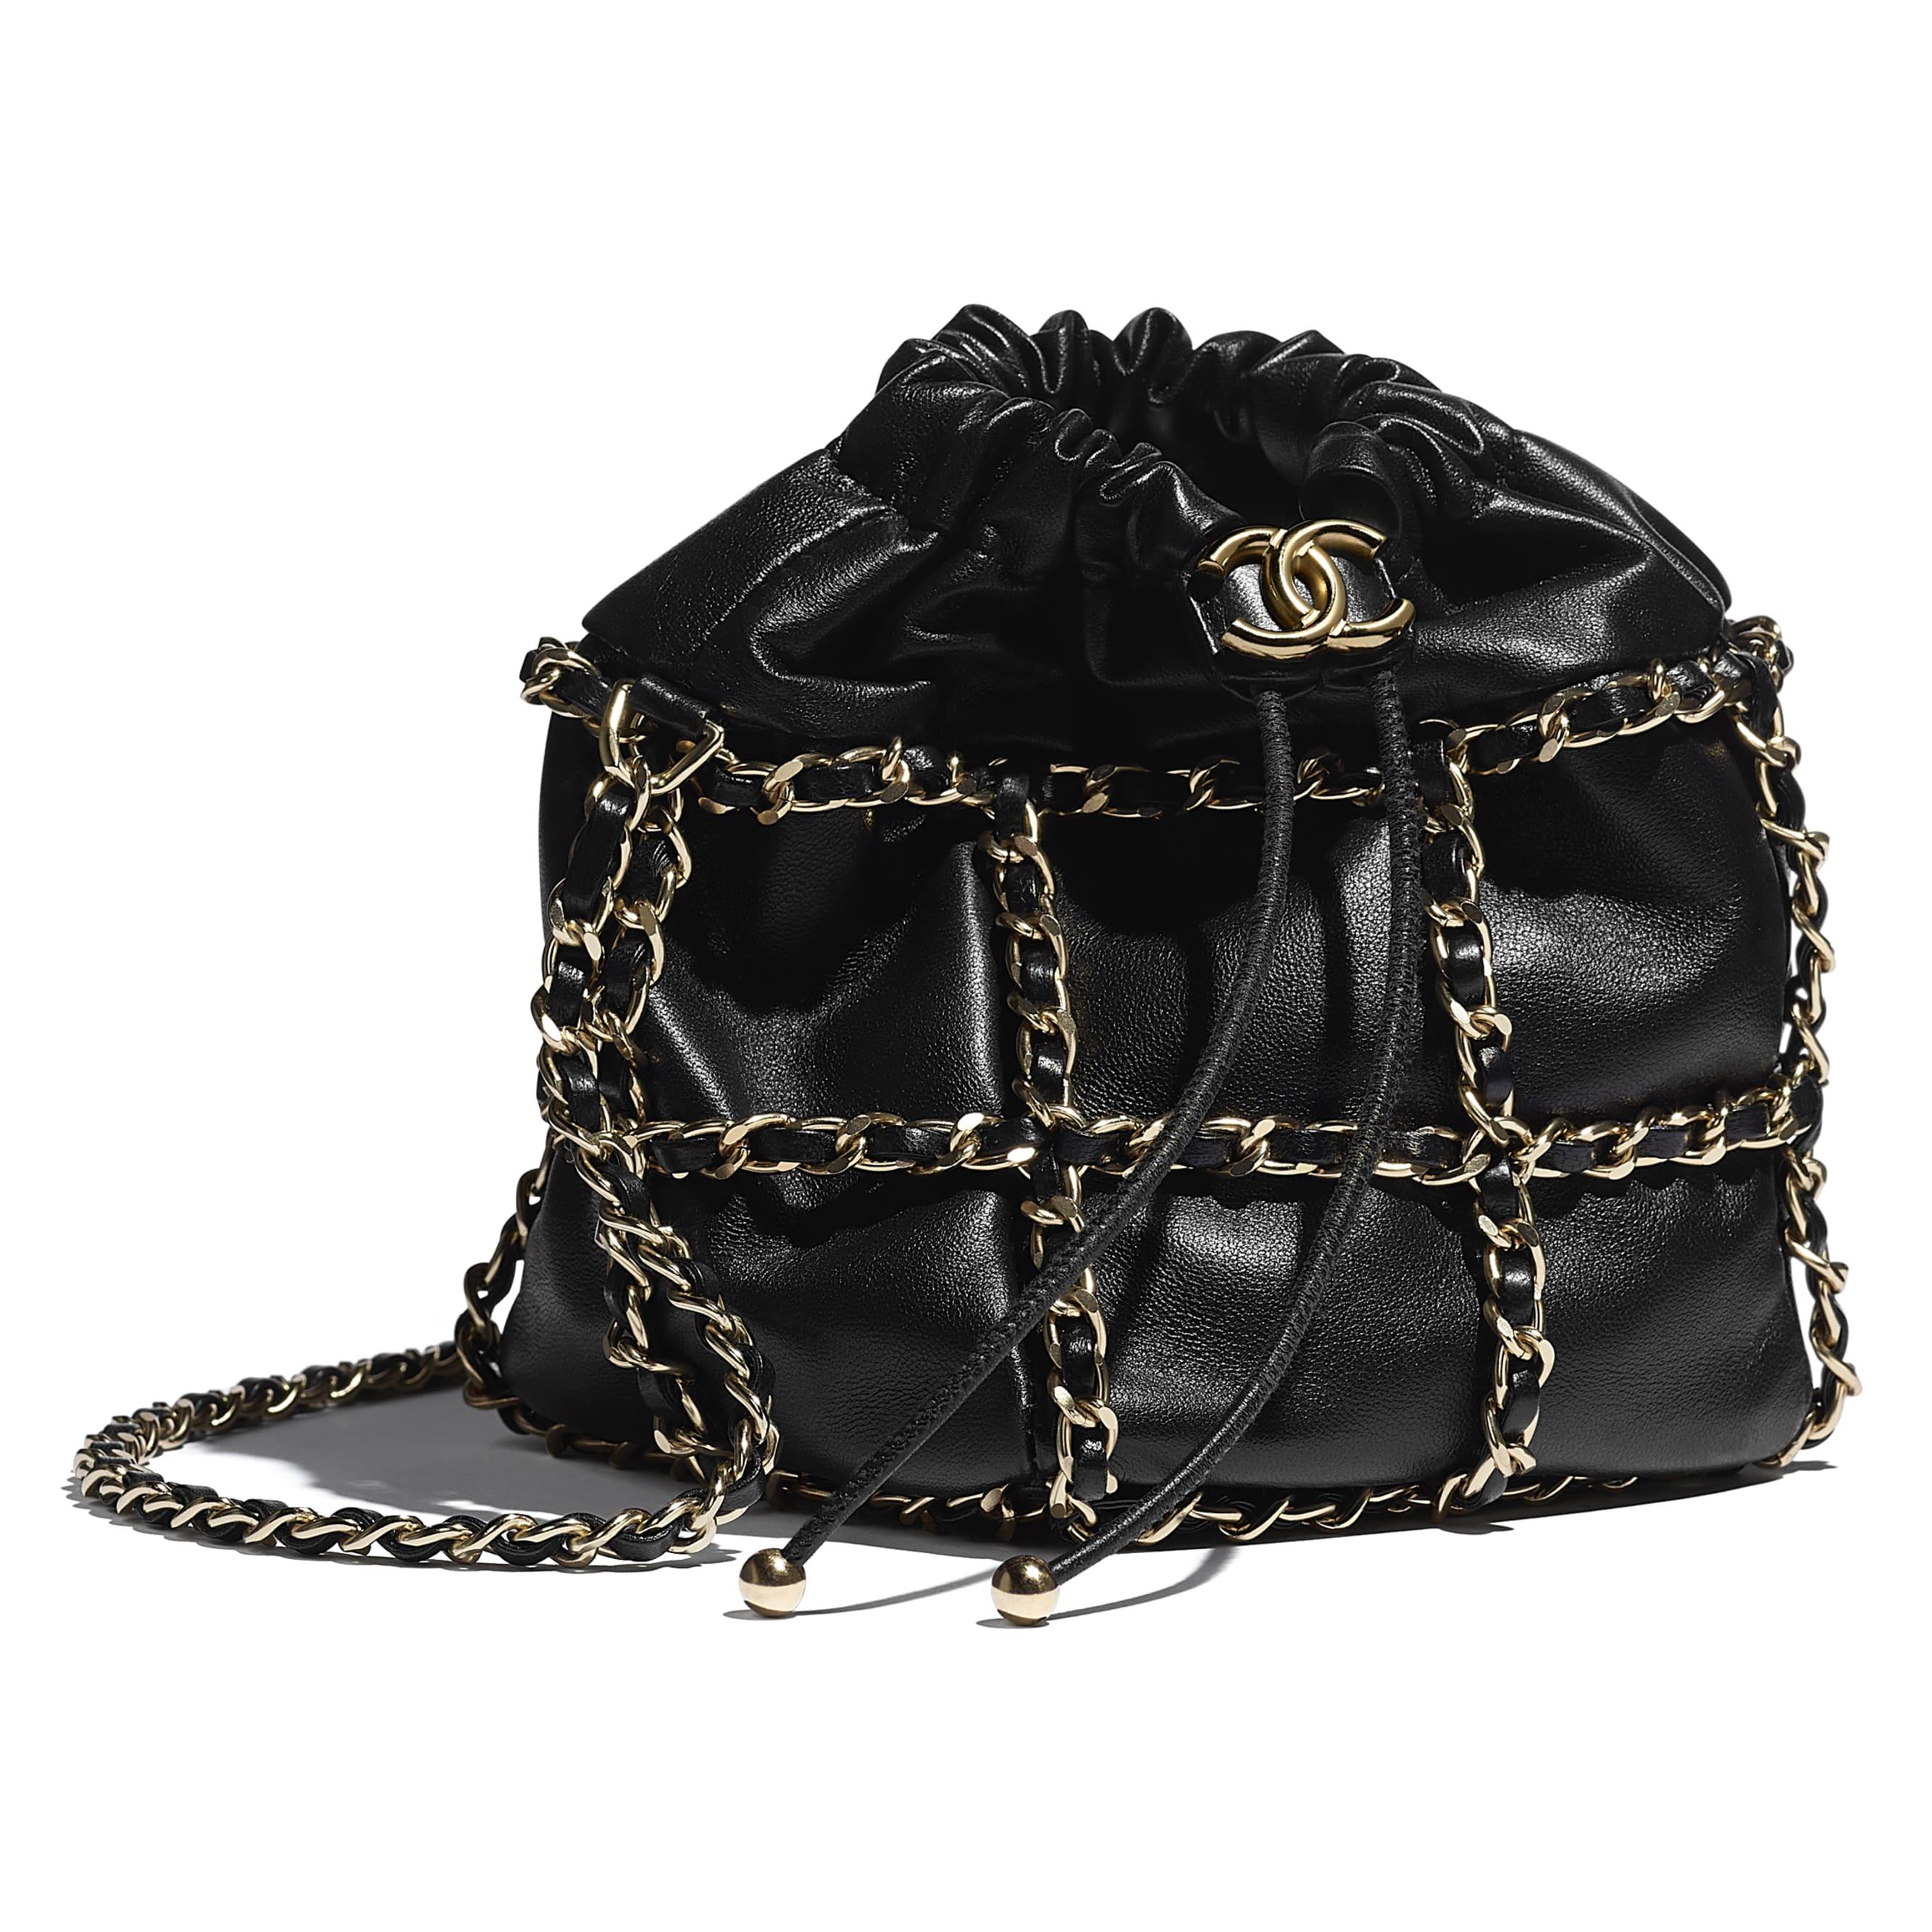 Petit sac à fermeture cordon - Noir - Agneau & métal doré - CHANEL - Vue supplémentaire - voir la version taille standard